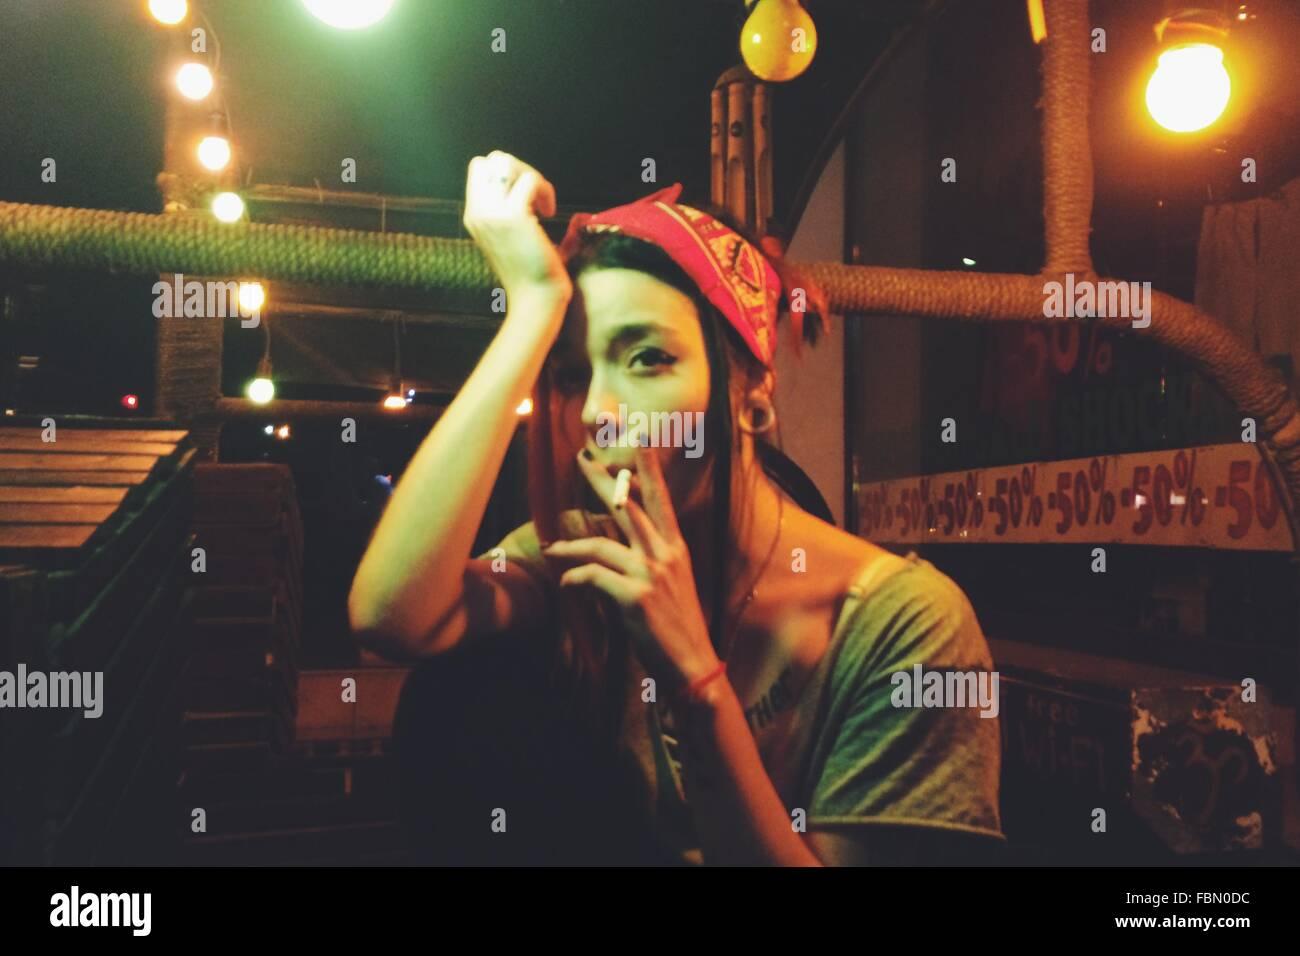 Junge Frau mit Kopf In der Hand beim Sitzen In beleuchtete Balkon rauchen Stockbild